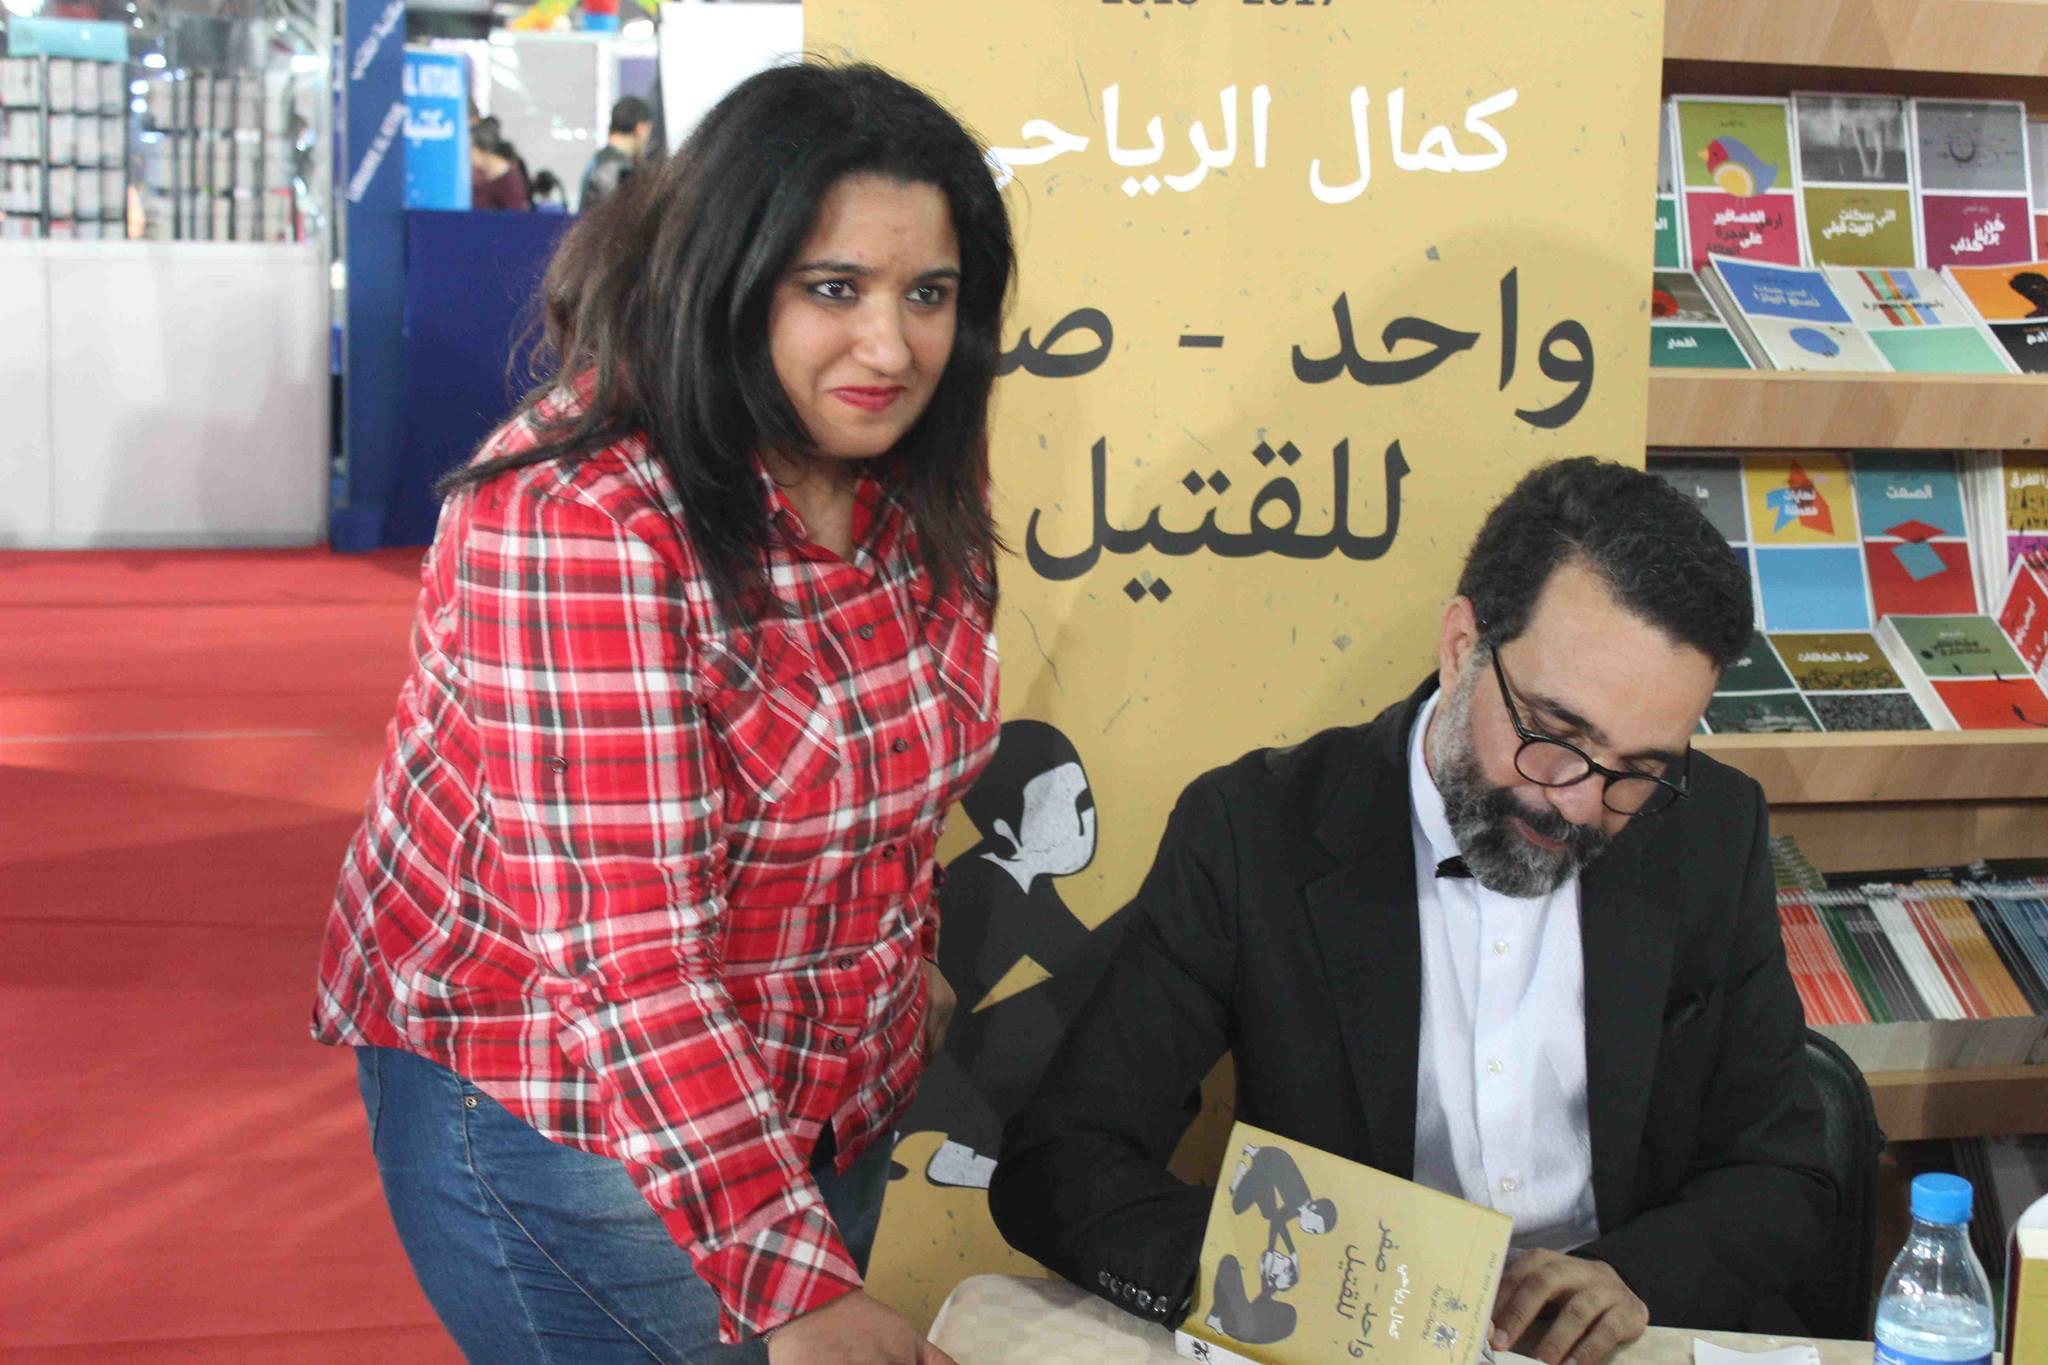 كمال الرياحى يوقع كتابه واحد صفر للقتيل الفائز بجائزة ابن بطوطة فى معرض تونس (4)